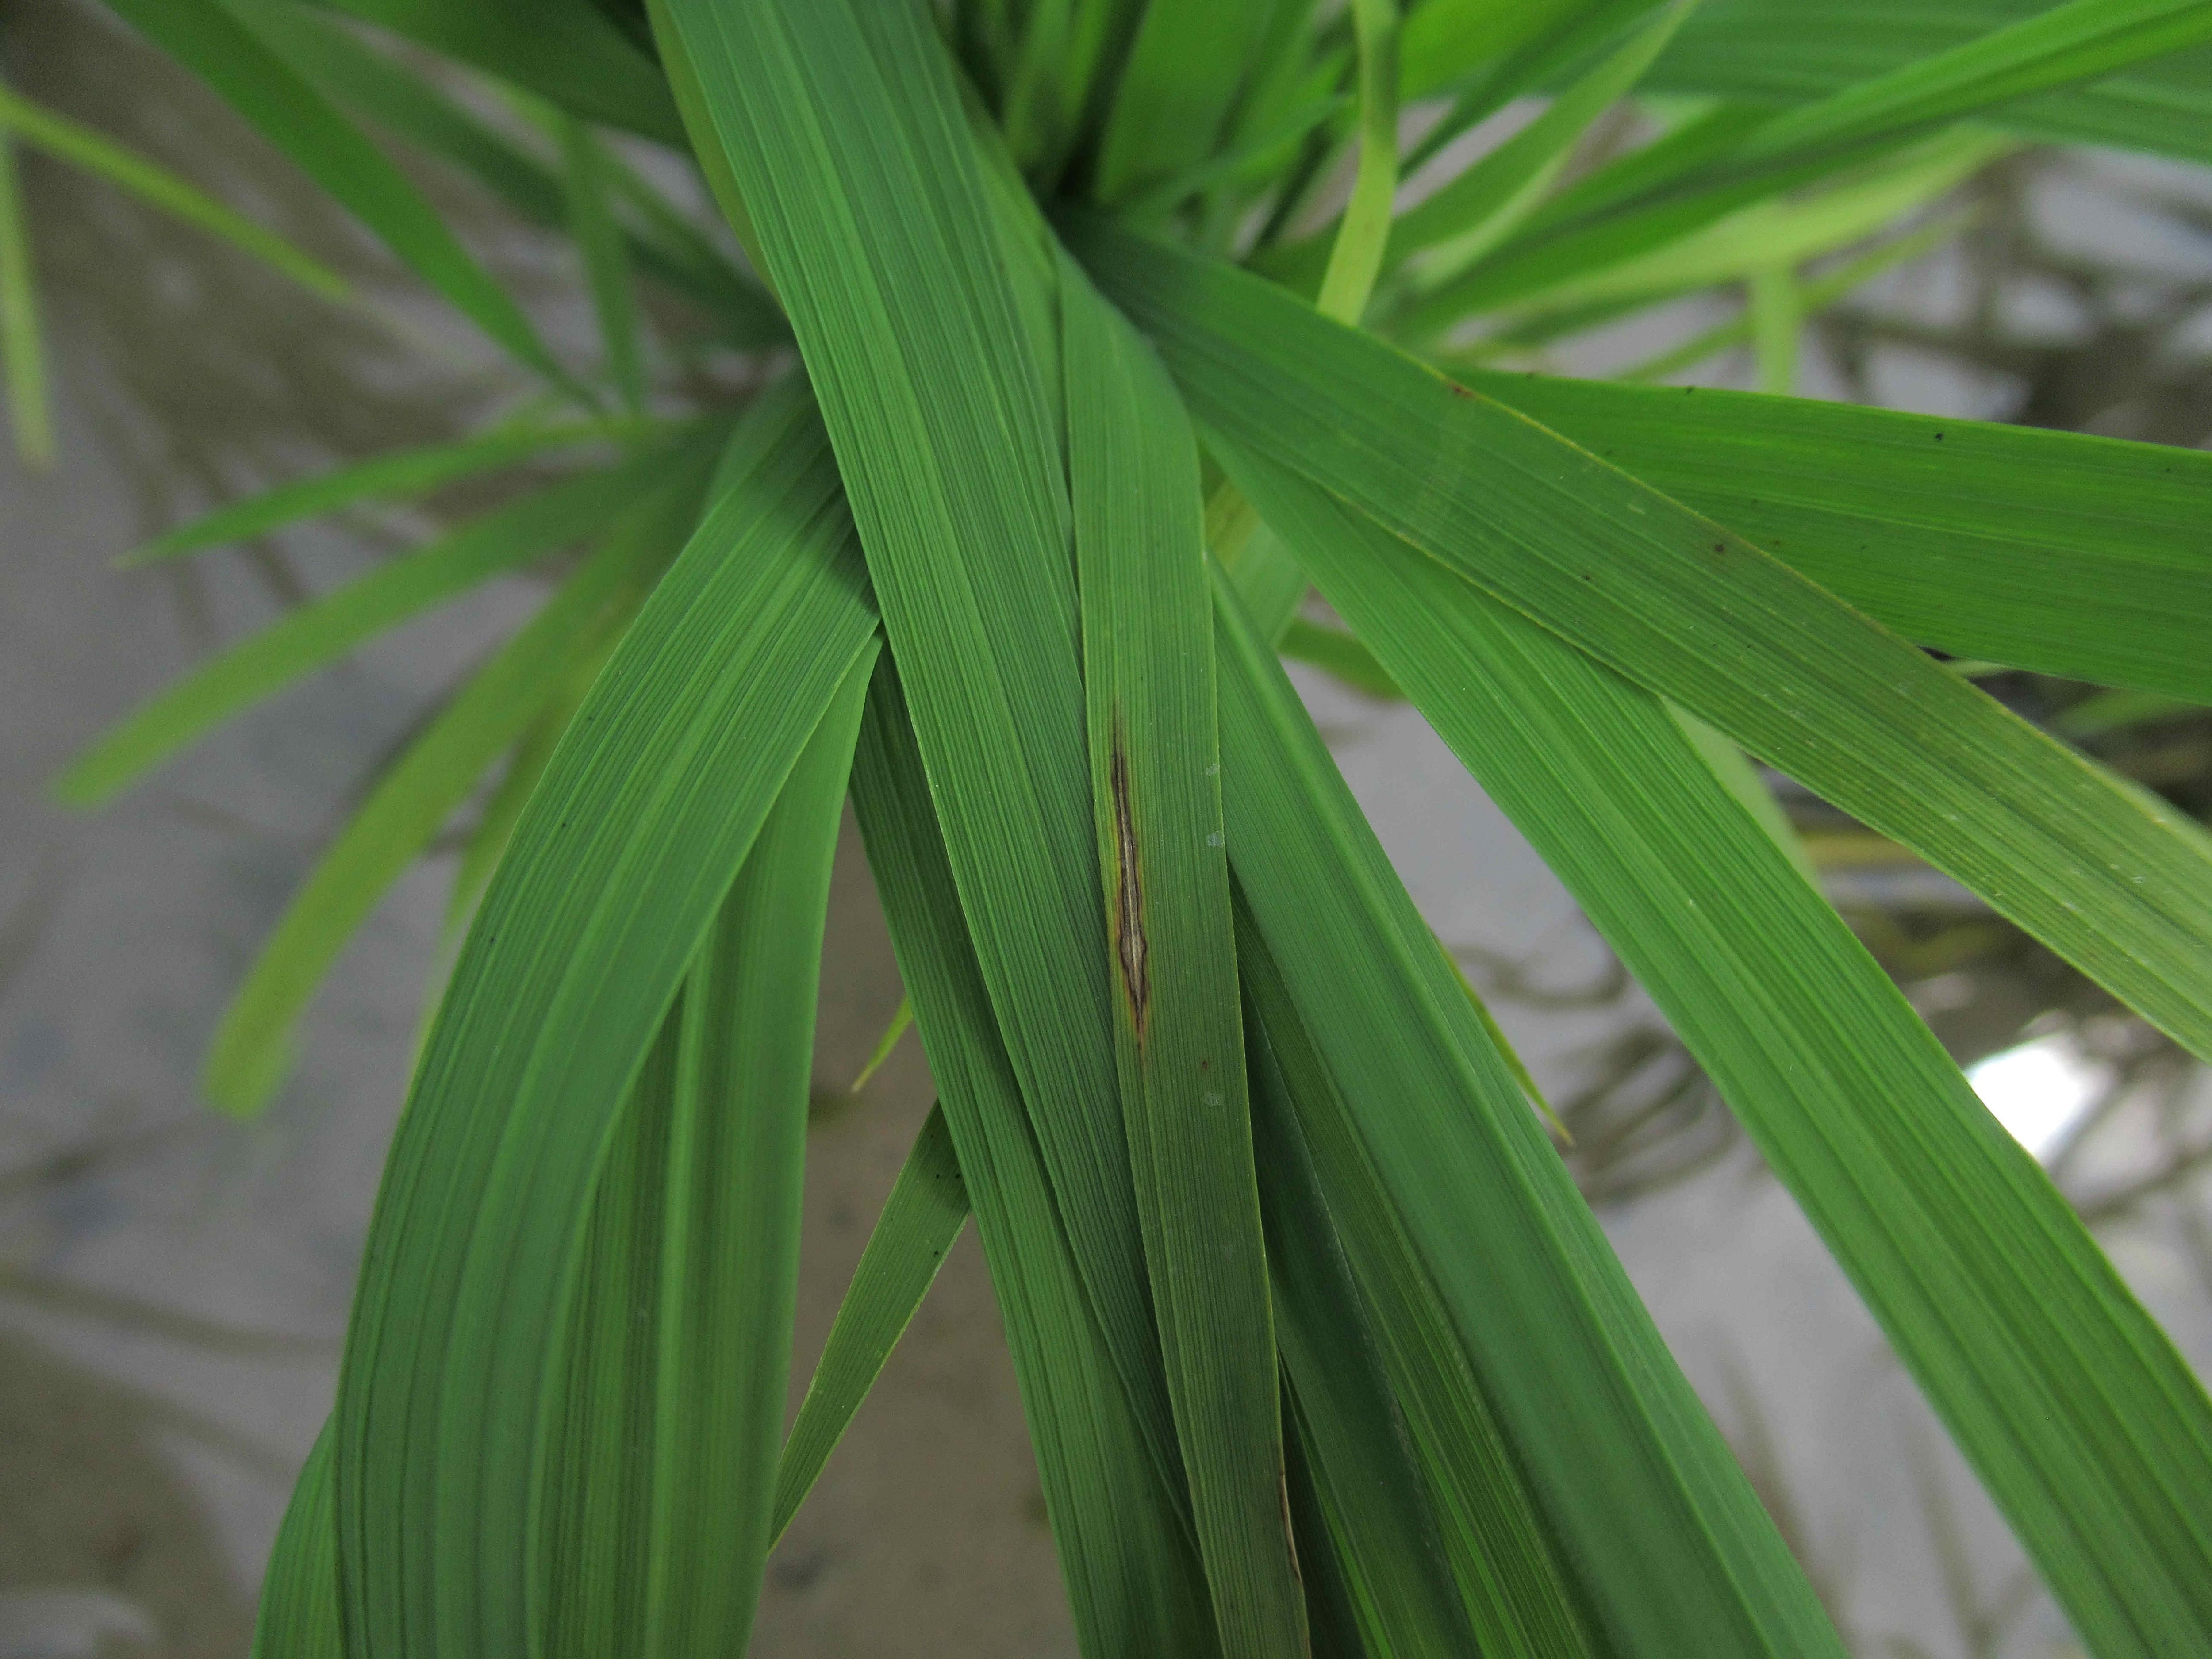 水稻葉稻熱病典型紡錘形病斑